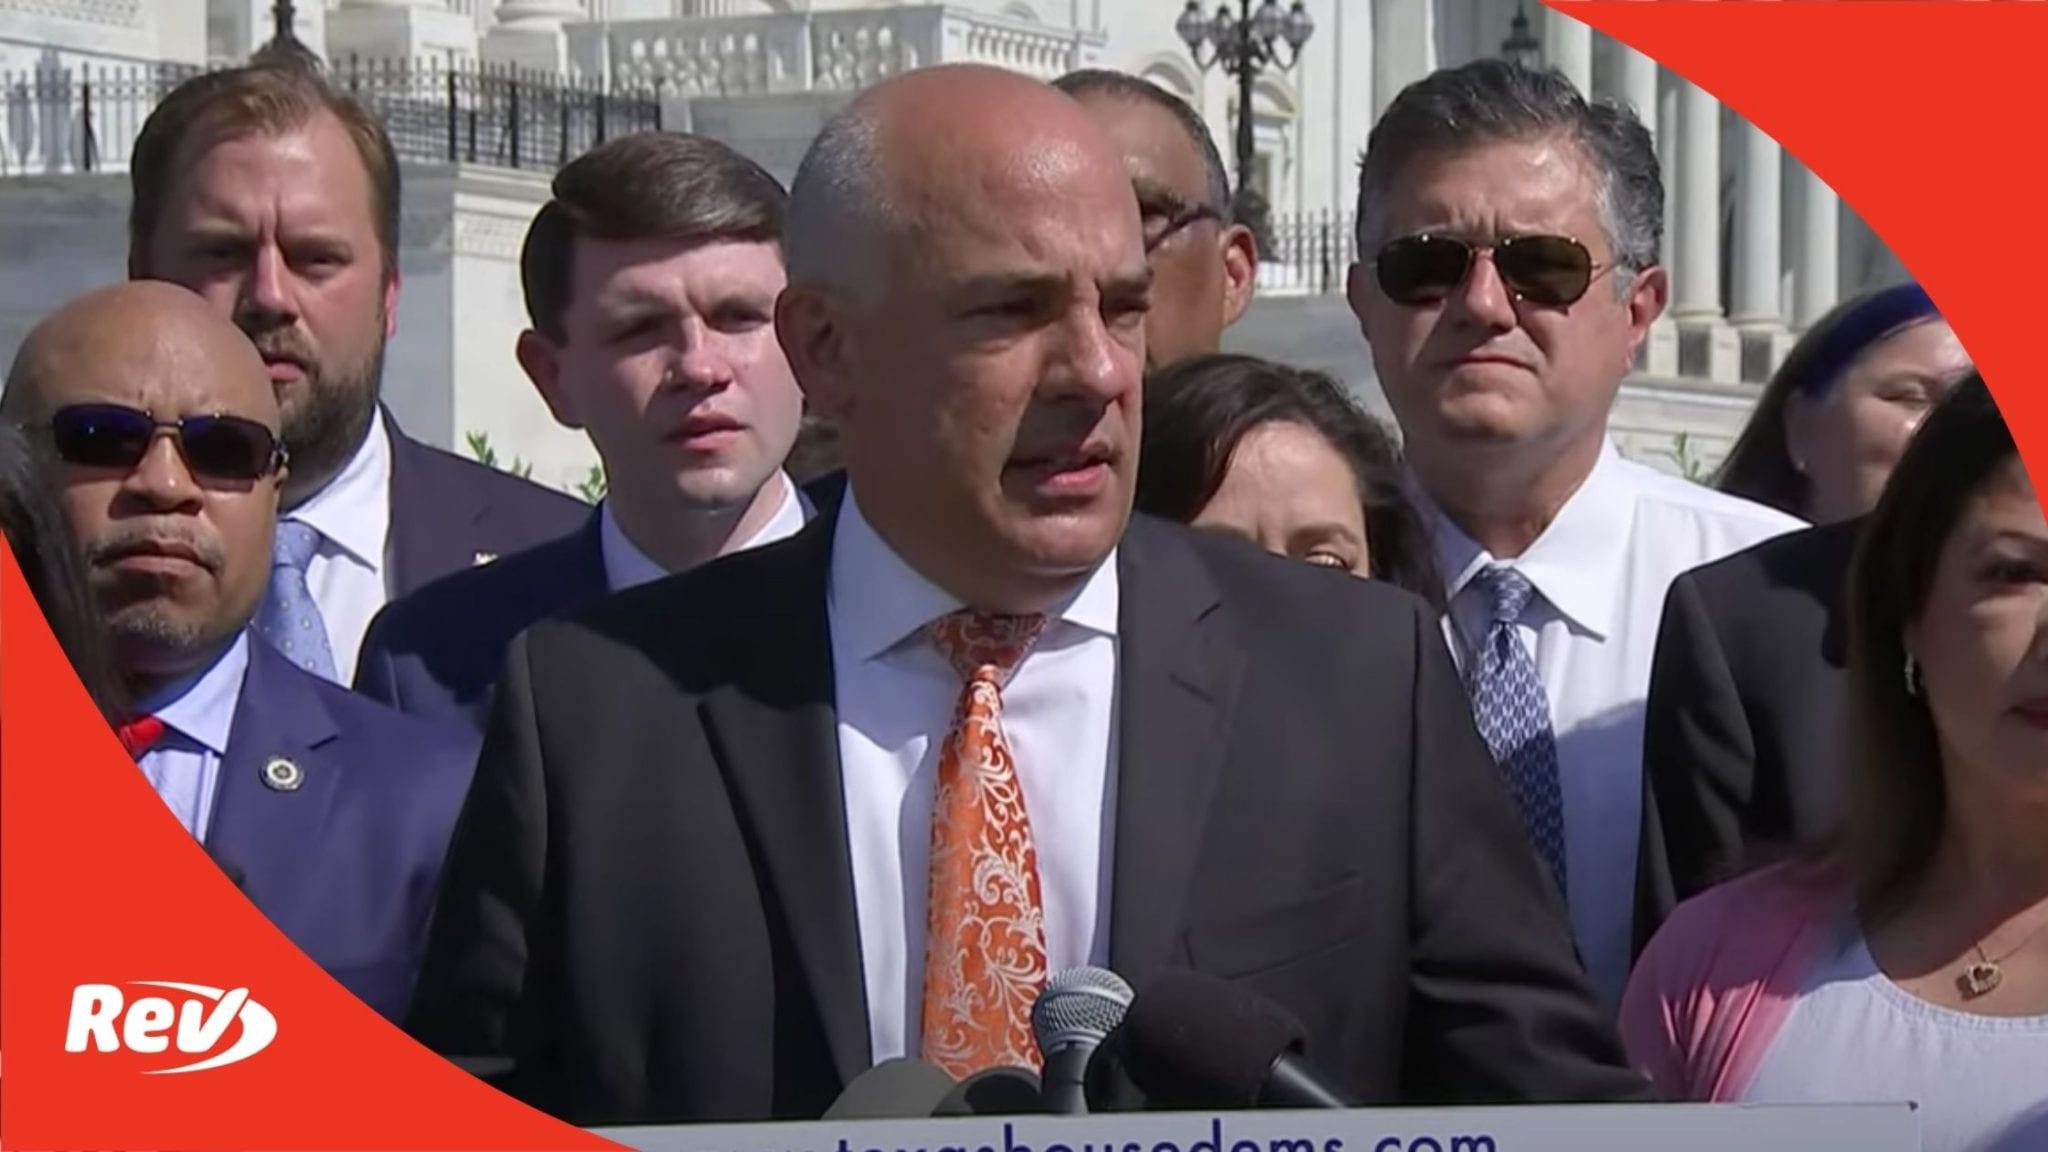 Texas Democrats Press Conference on GOP Election Bill Transcript